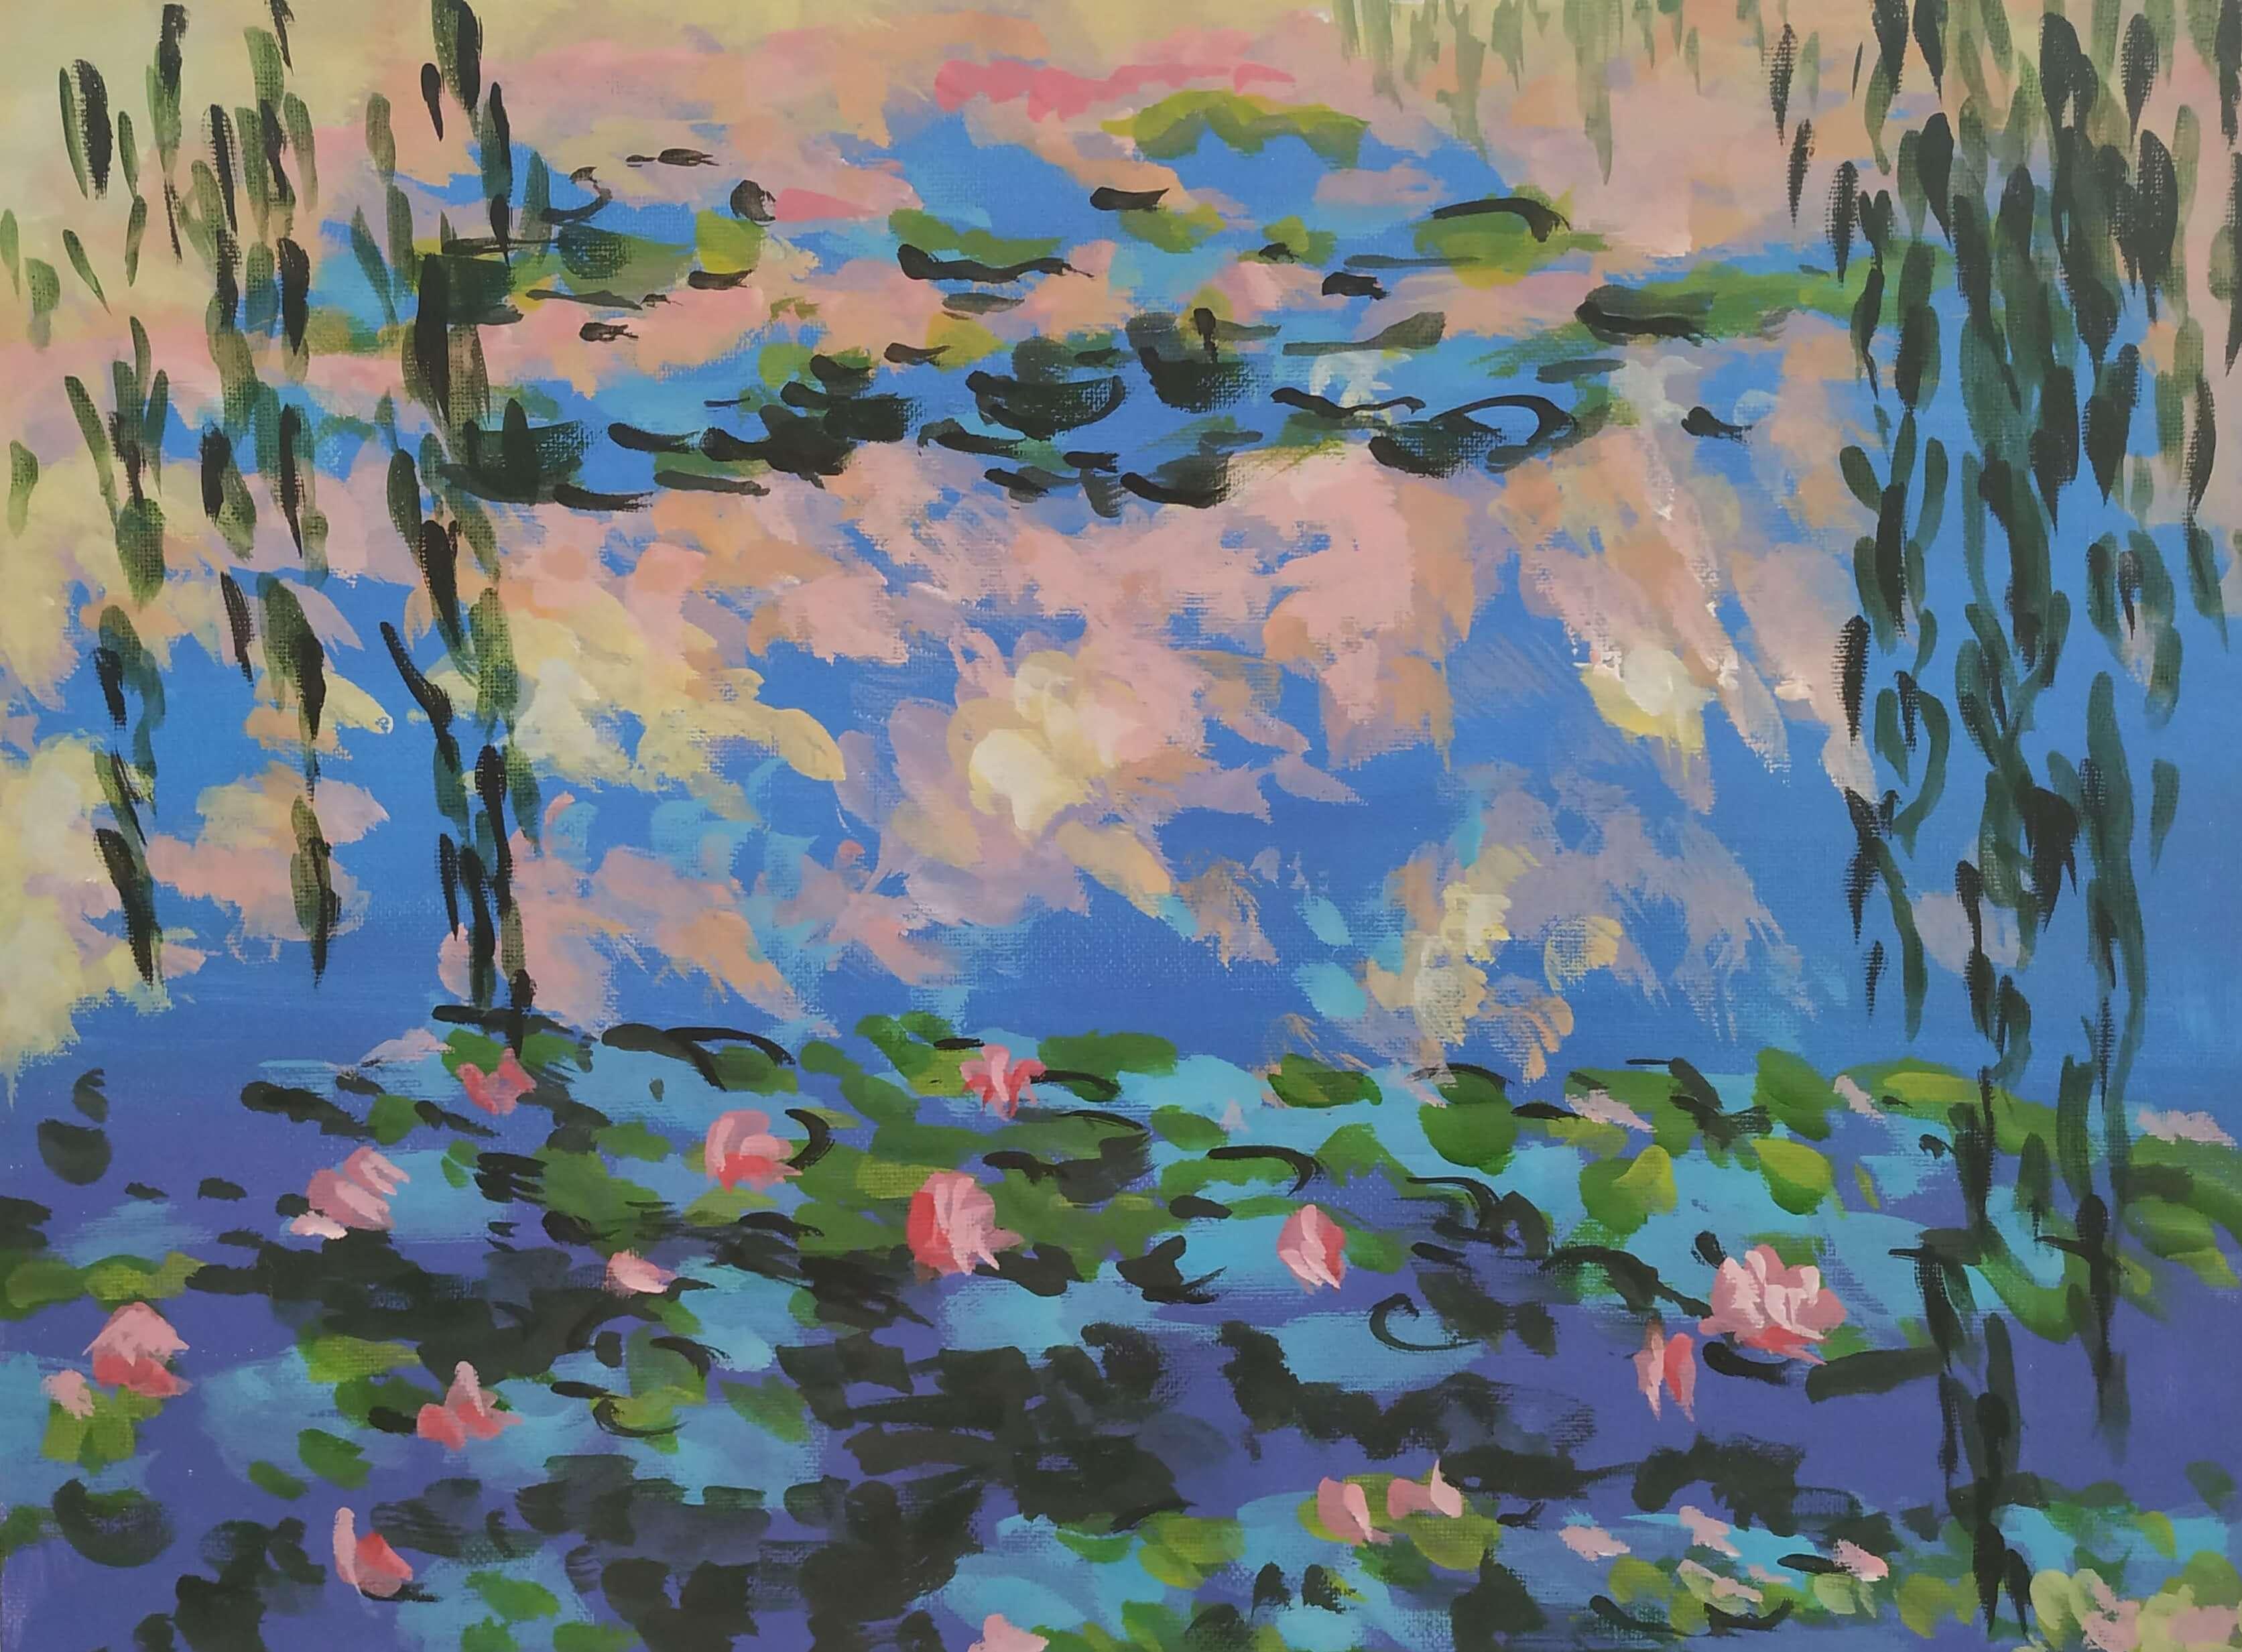 """Релаксиране с чаша вино и рисуване на репродукция по картината """"Водни лилии"""" Клод Моне 19.03.2020 г."""